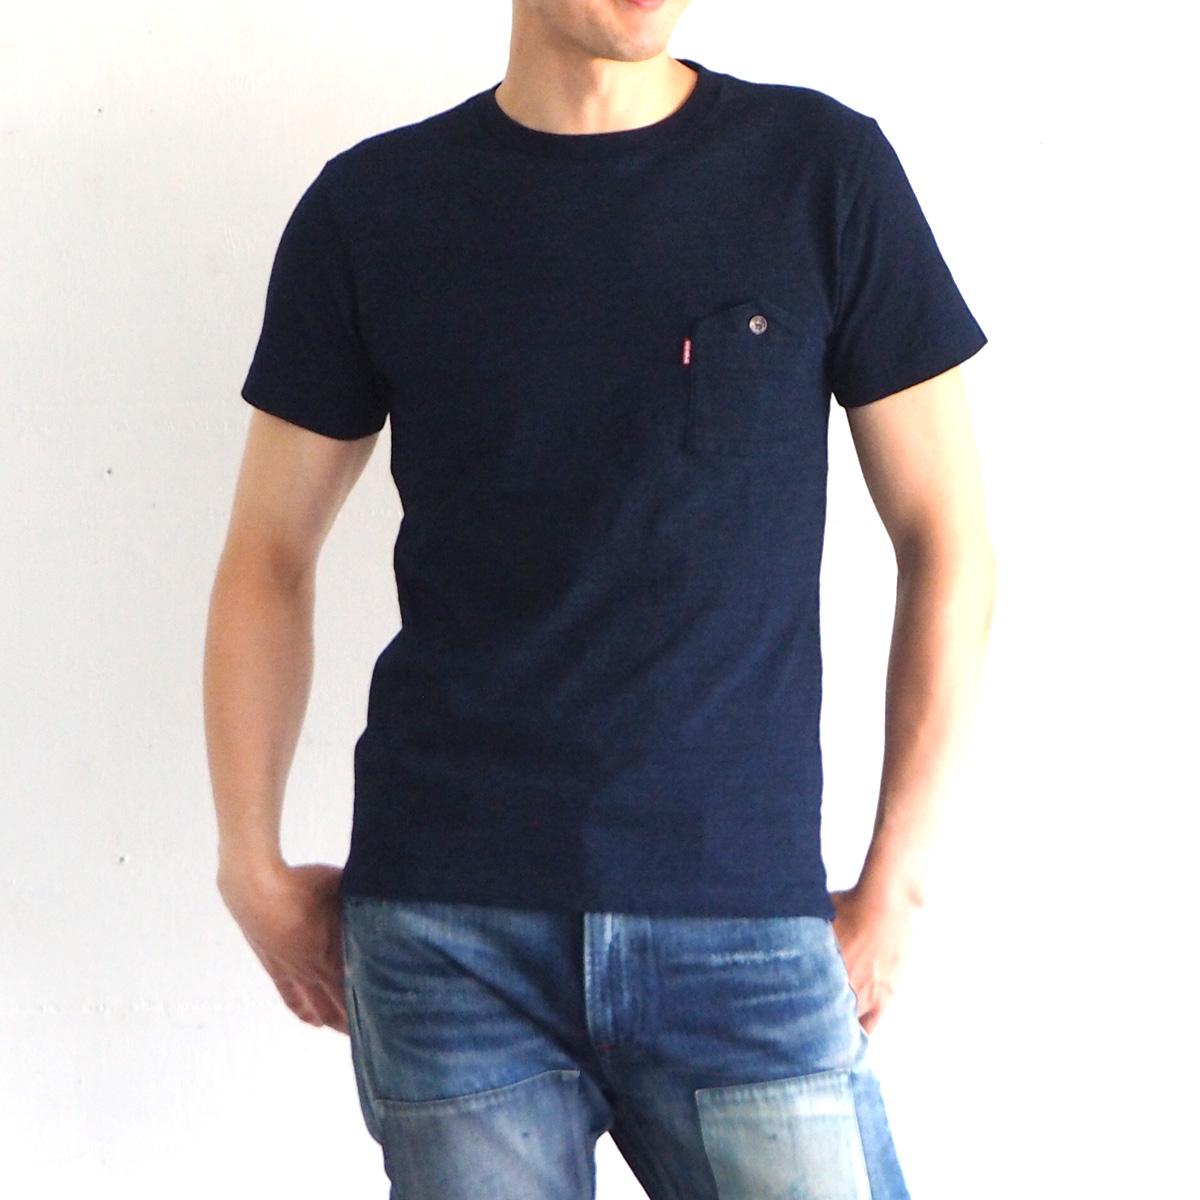 graphzero(グラフゼロ) インディゴロープ染色 山ポケット ヘンリーネックTシャツ メンズ [GZ-IDTC-0104-MENS]